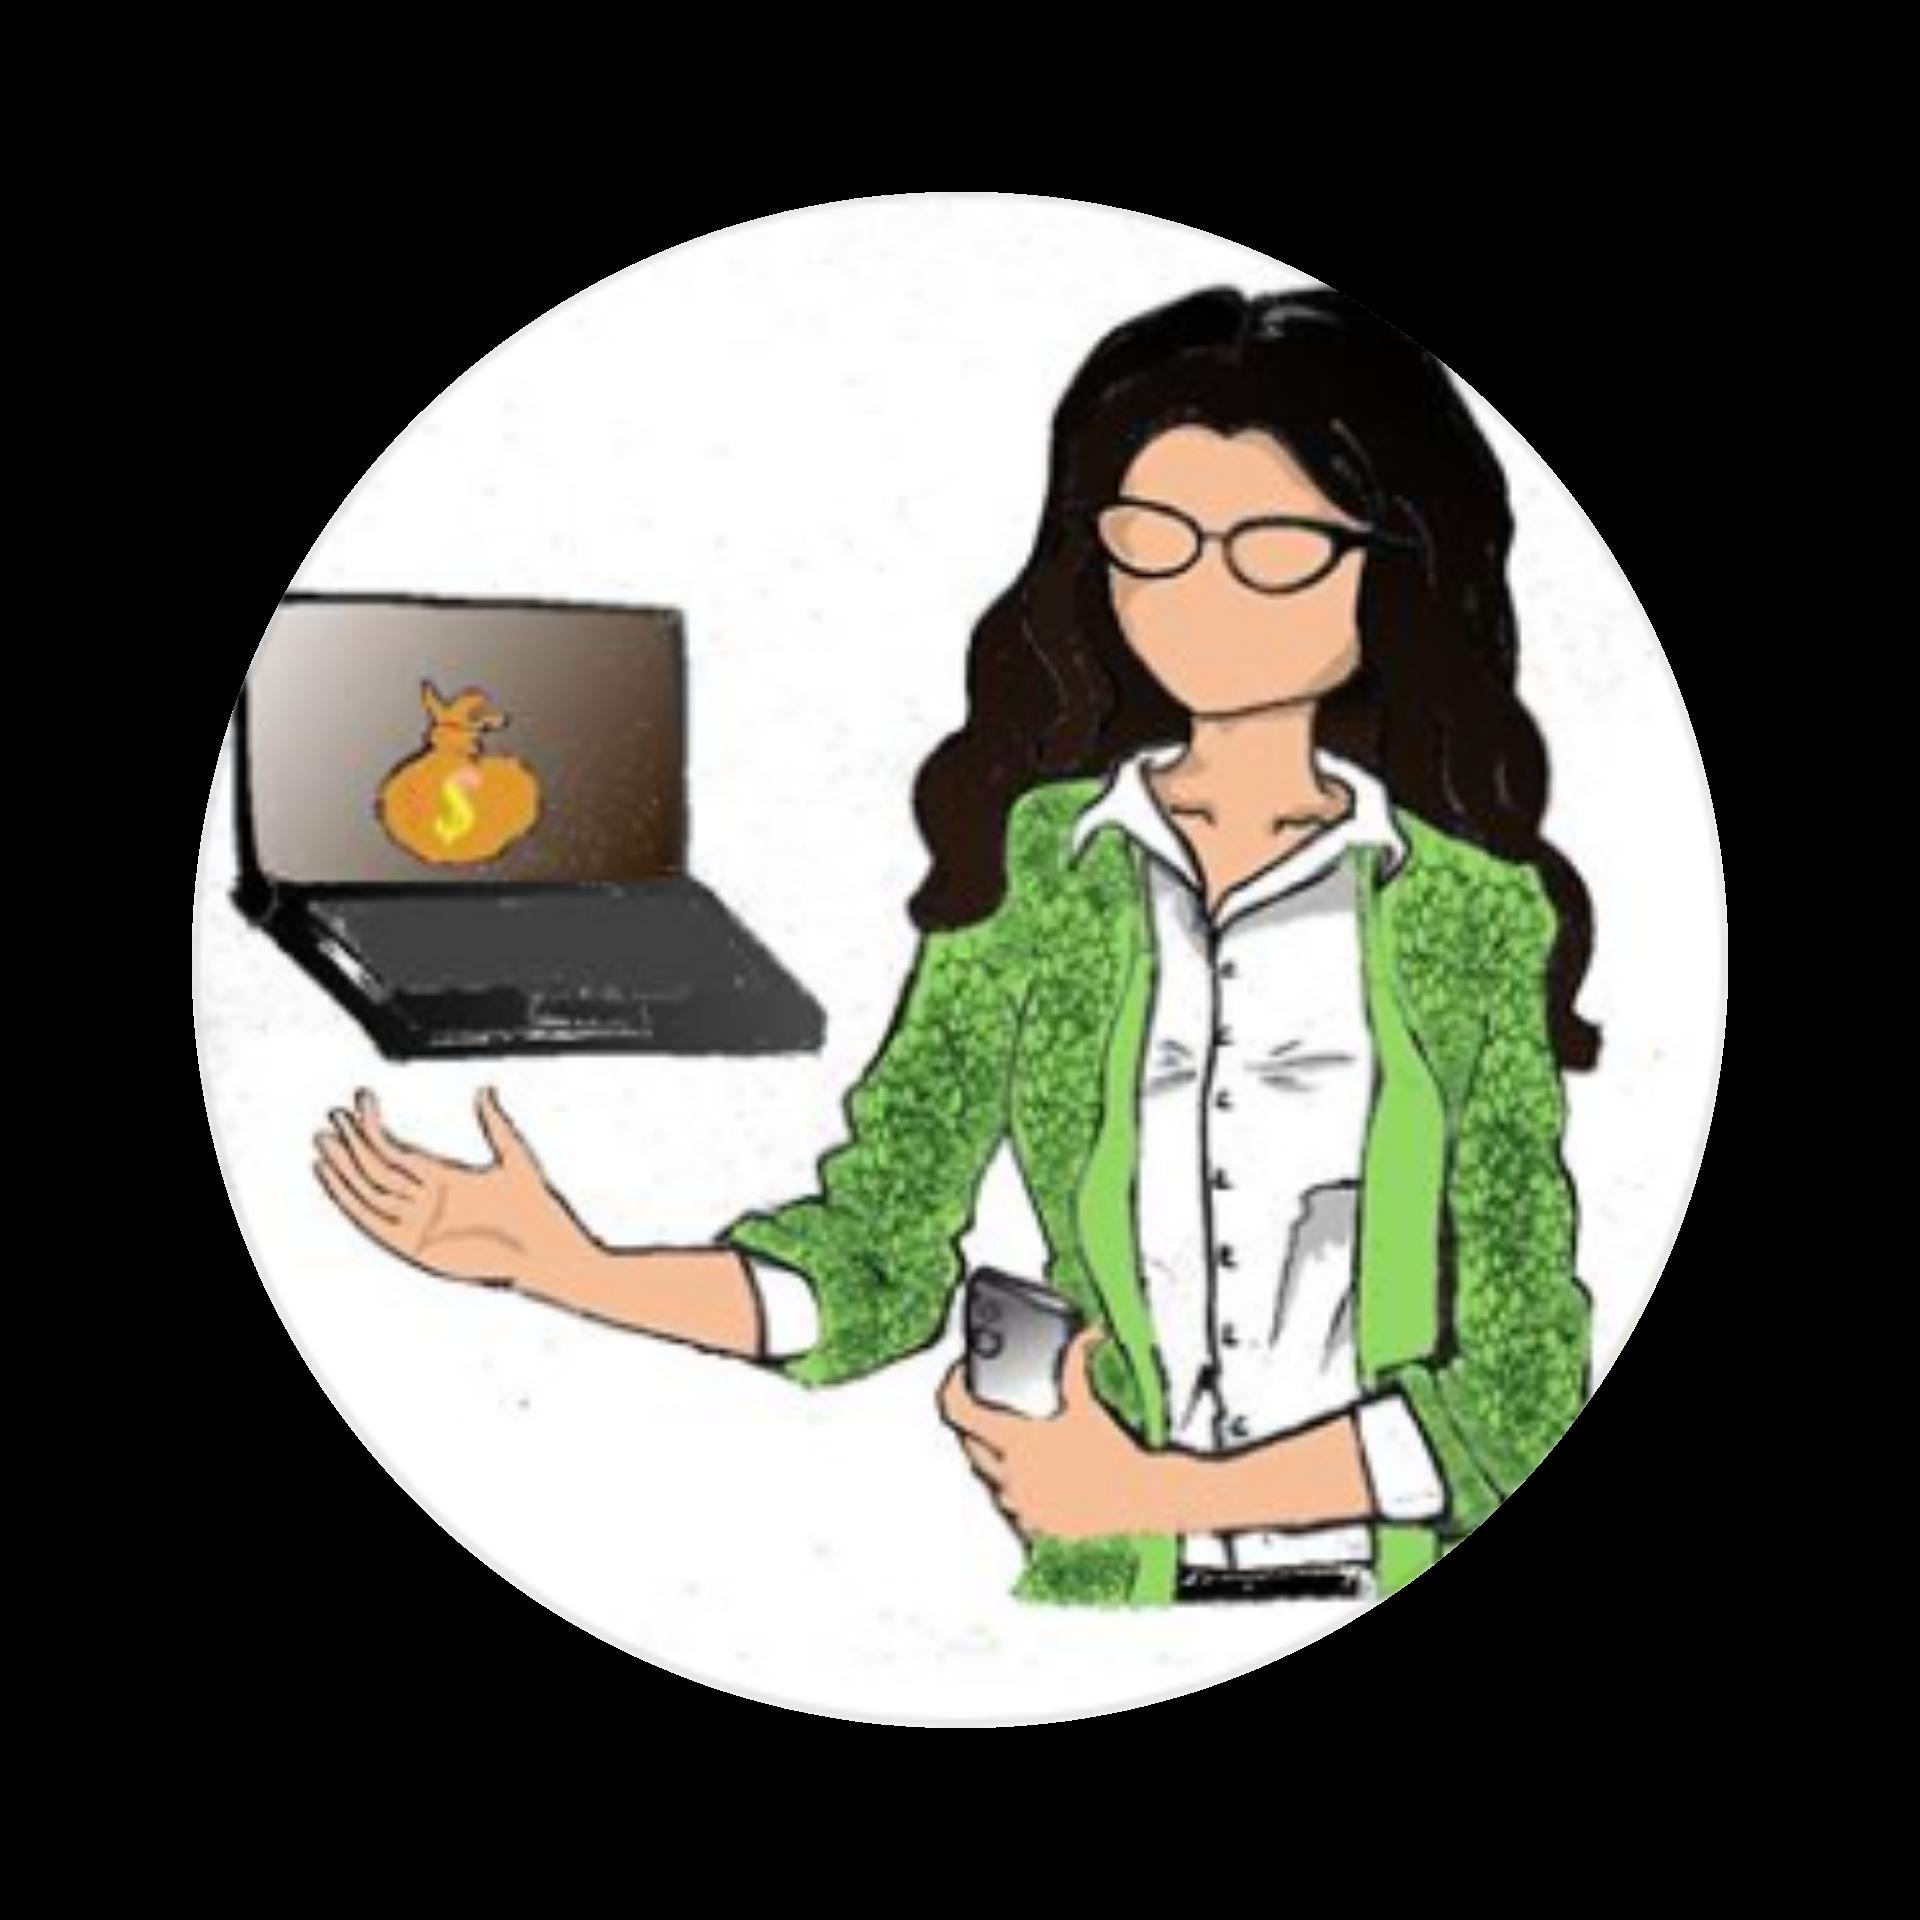 Debynski, experte en réseaux sociaux pour les freelance. Augmente ta visibilité et ton trafic avec Pinterest, Tailwind, Linkedin, Instagram et YouTube